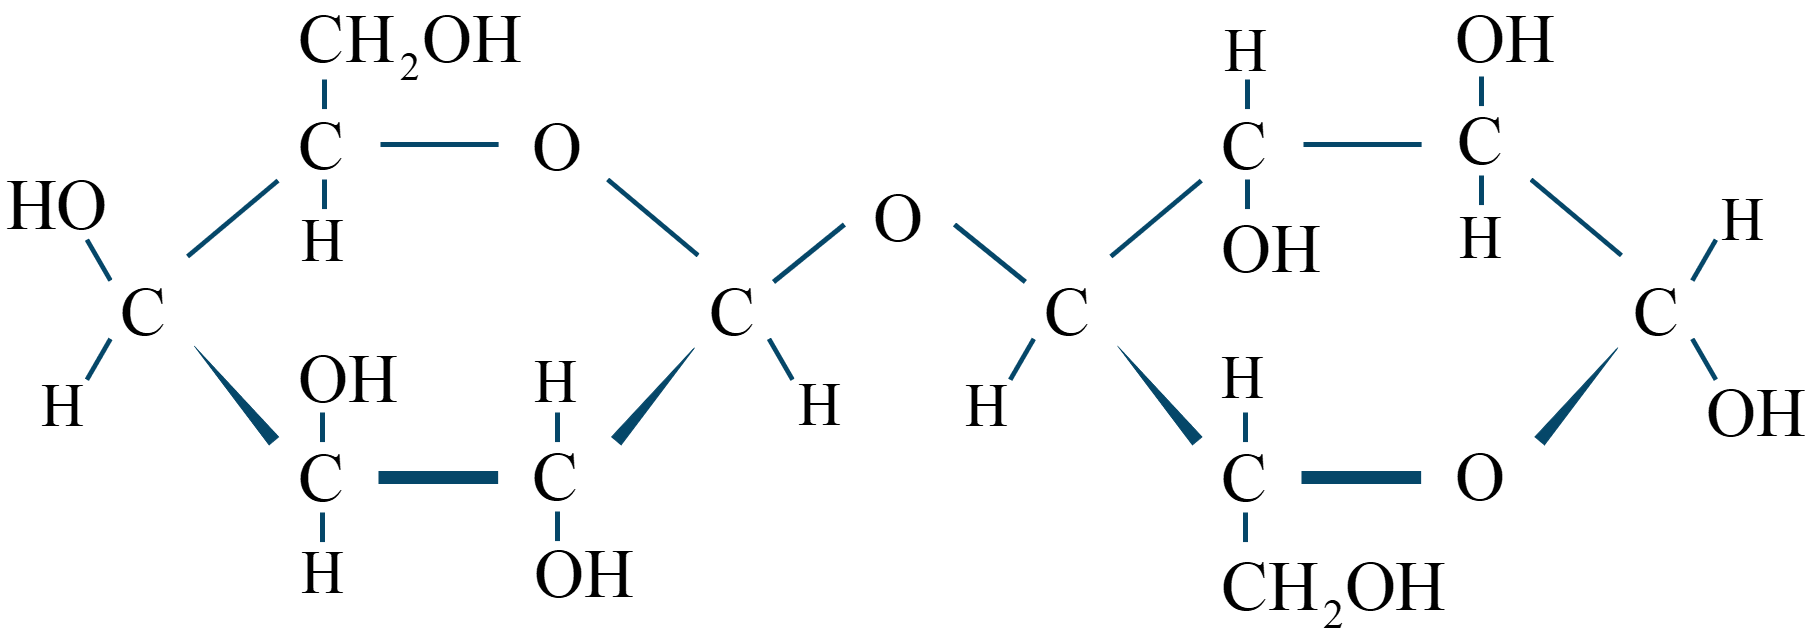 ラクトース構造式